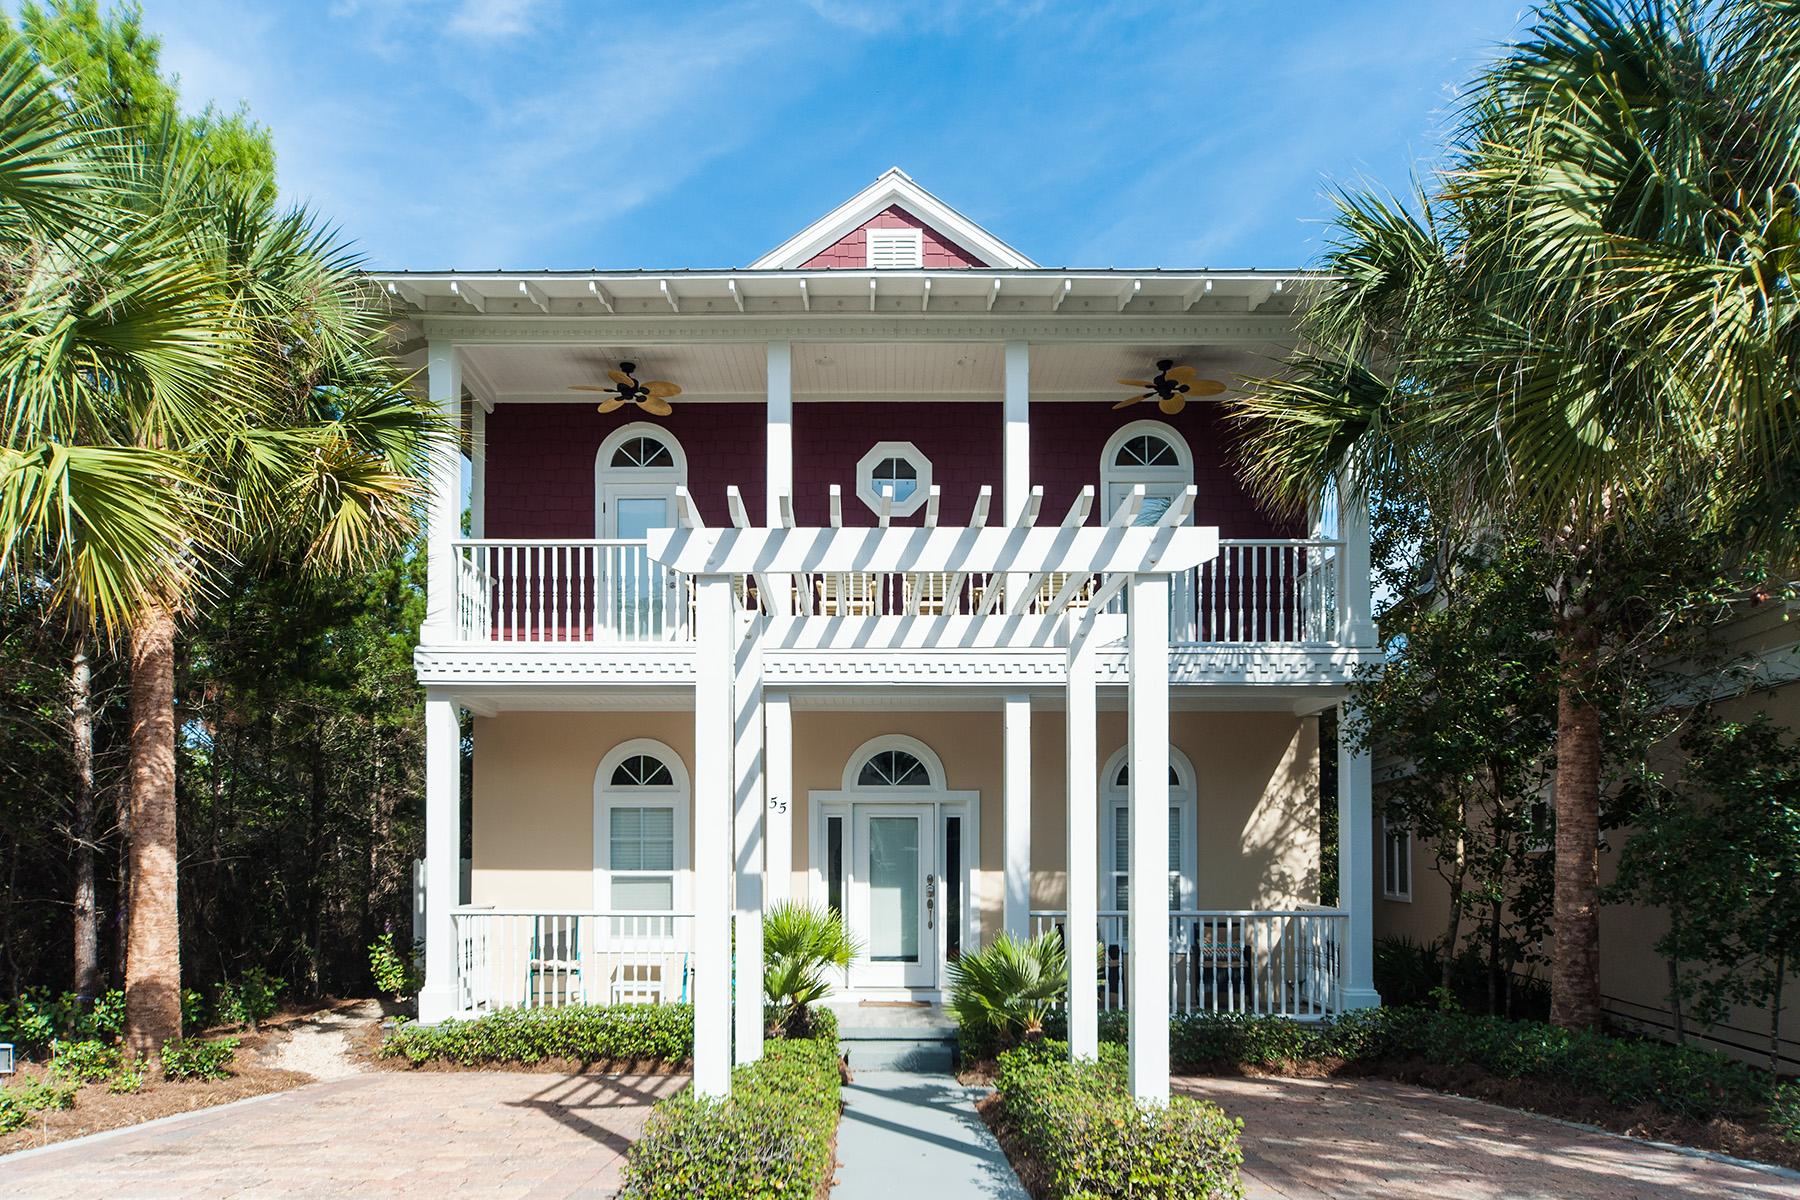 Maison unifamiliale pour l Vente à COASTAL SOUTHERN CHARM IN SEACREST BEACH 55 Greenway Loop Seacrest Beach, Seacrest, Florida, 32461 États-Unis